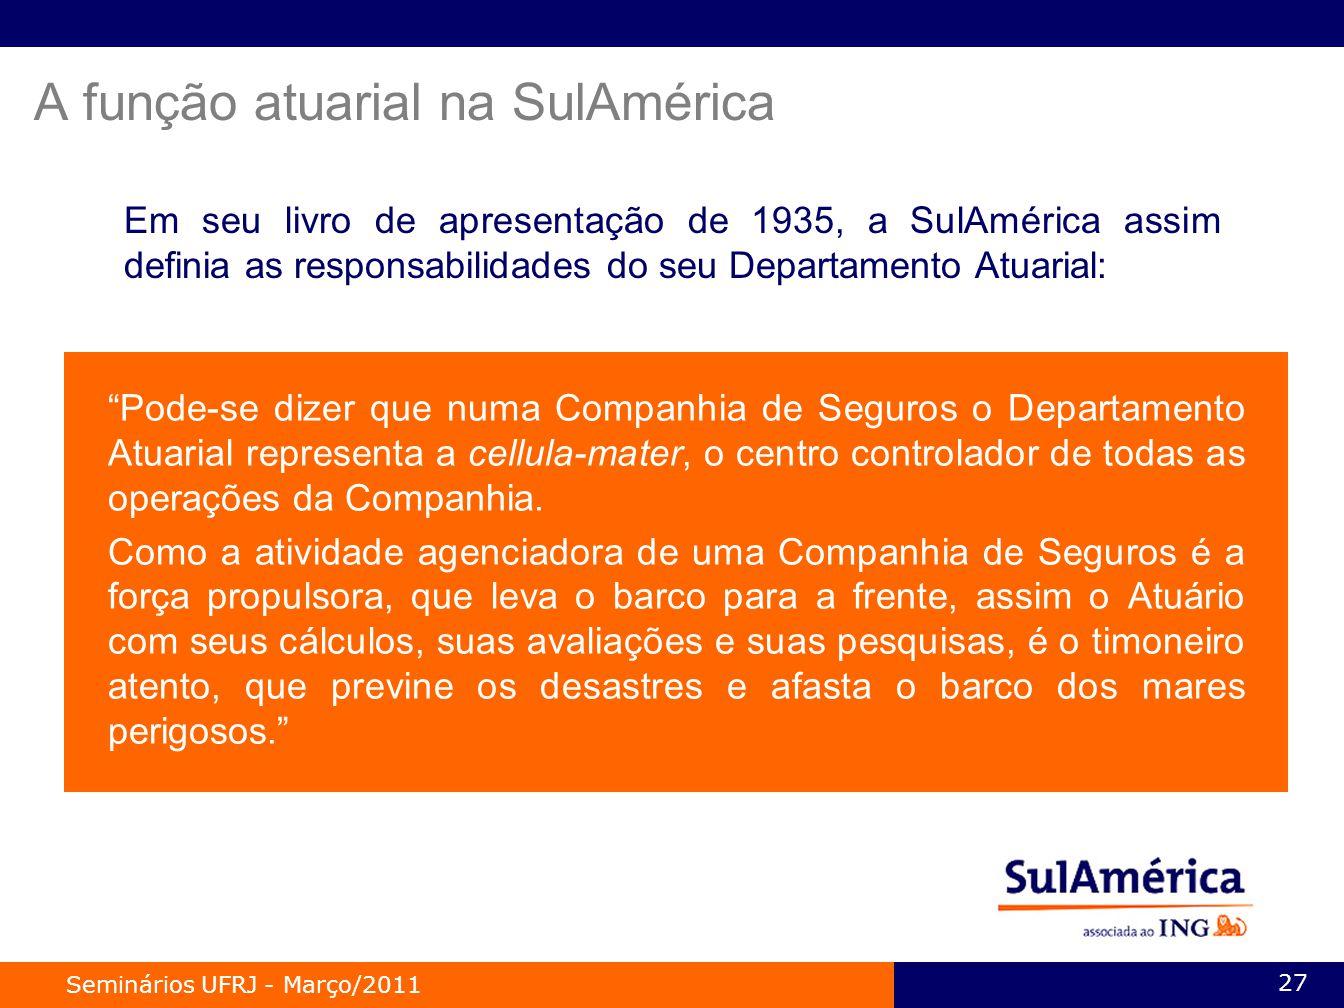 A função atuarial na SulAmérica